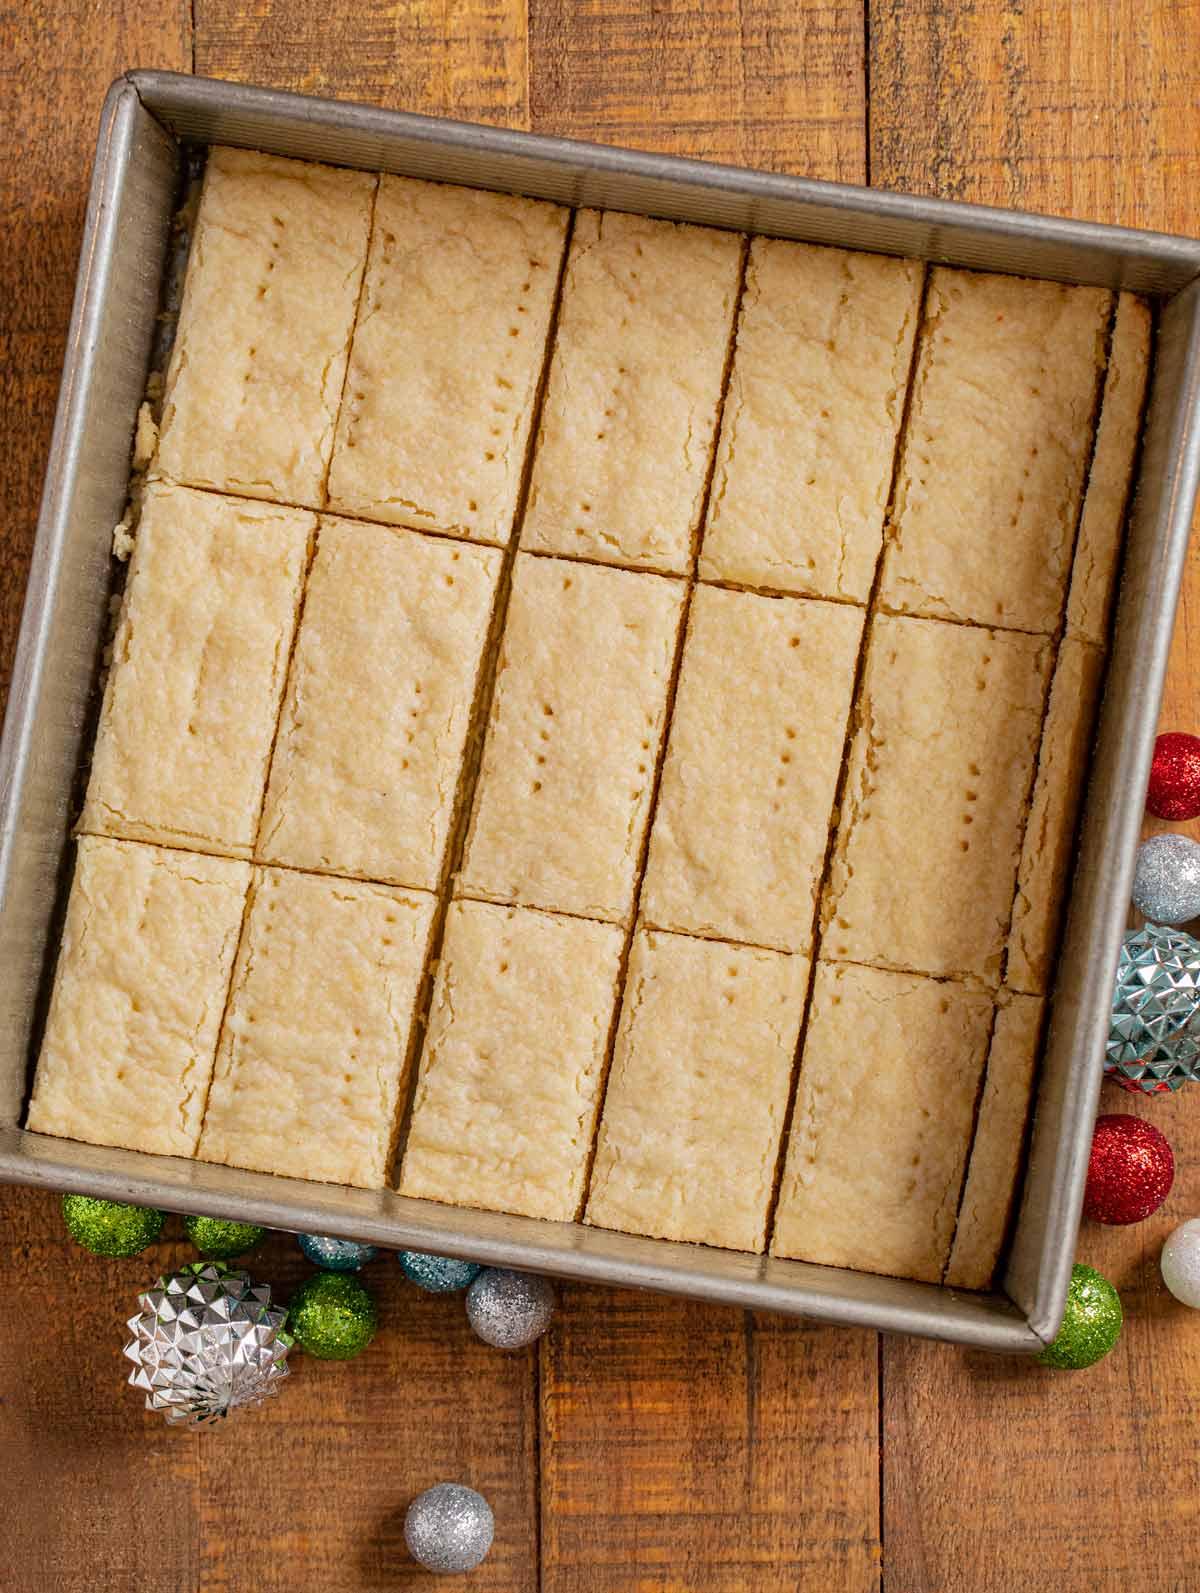 Shortbread Cookies in baking pan, sliced